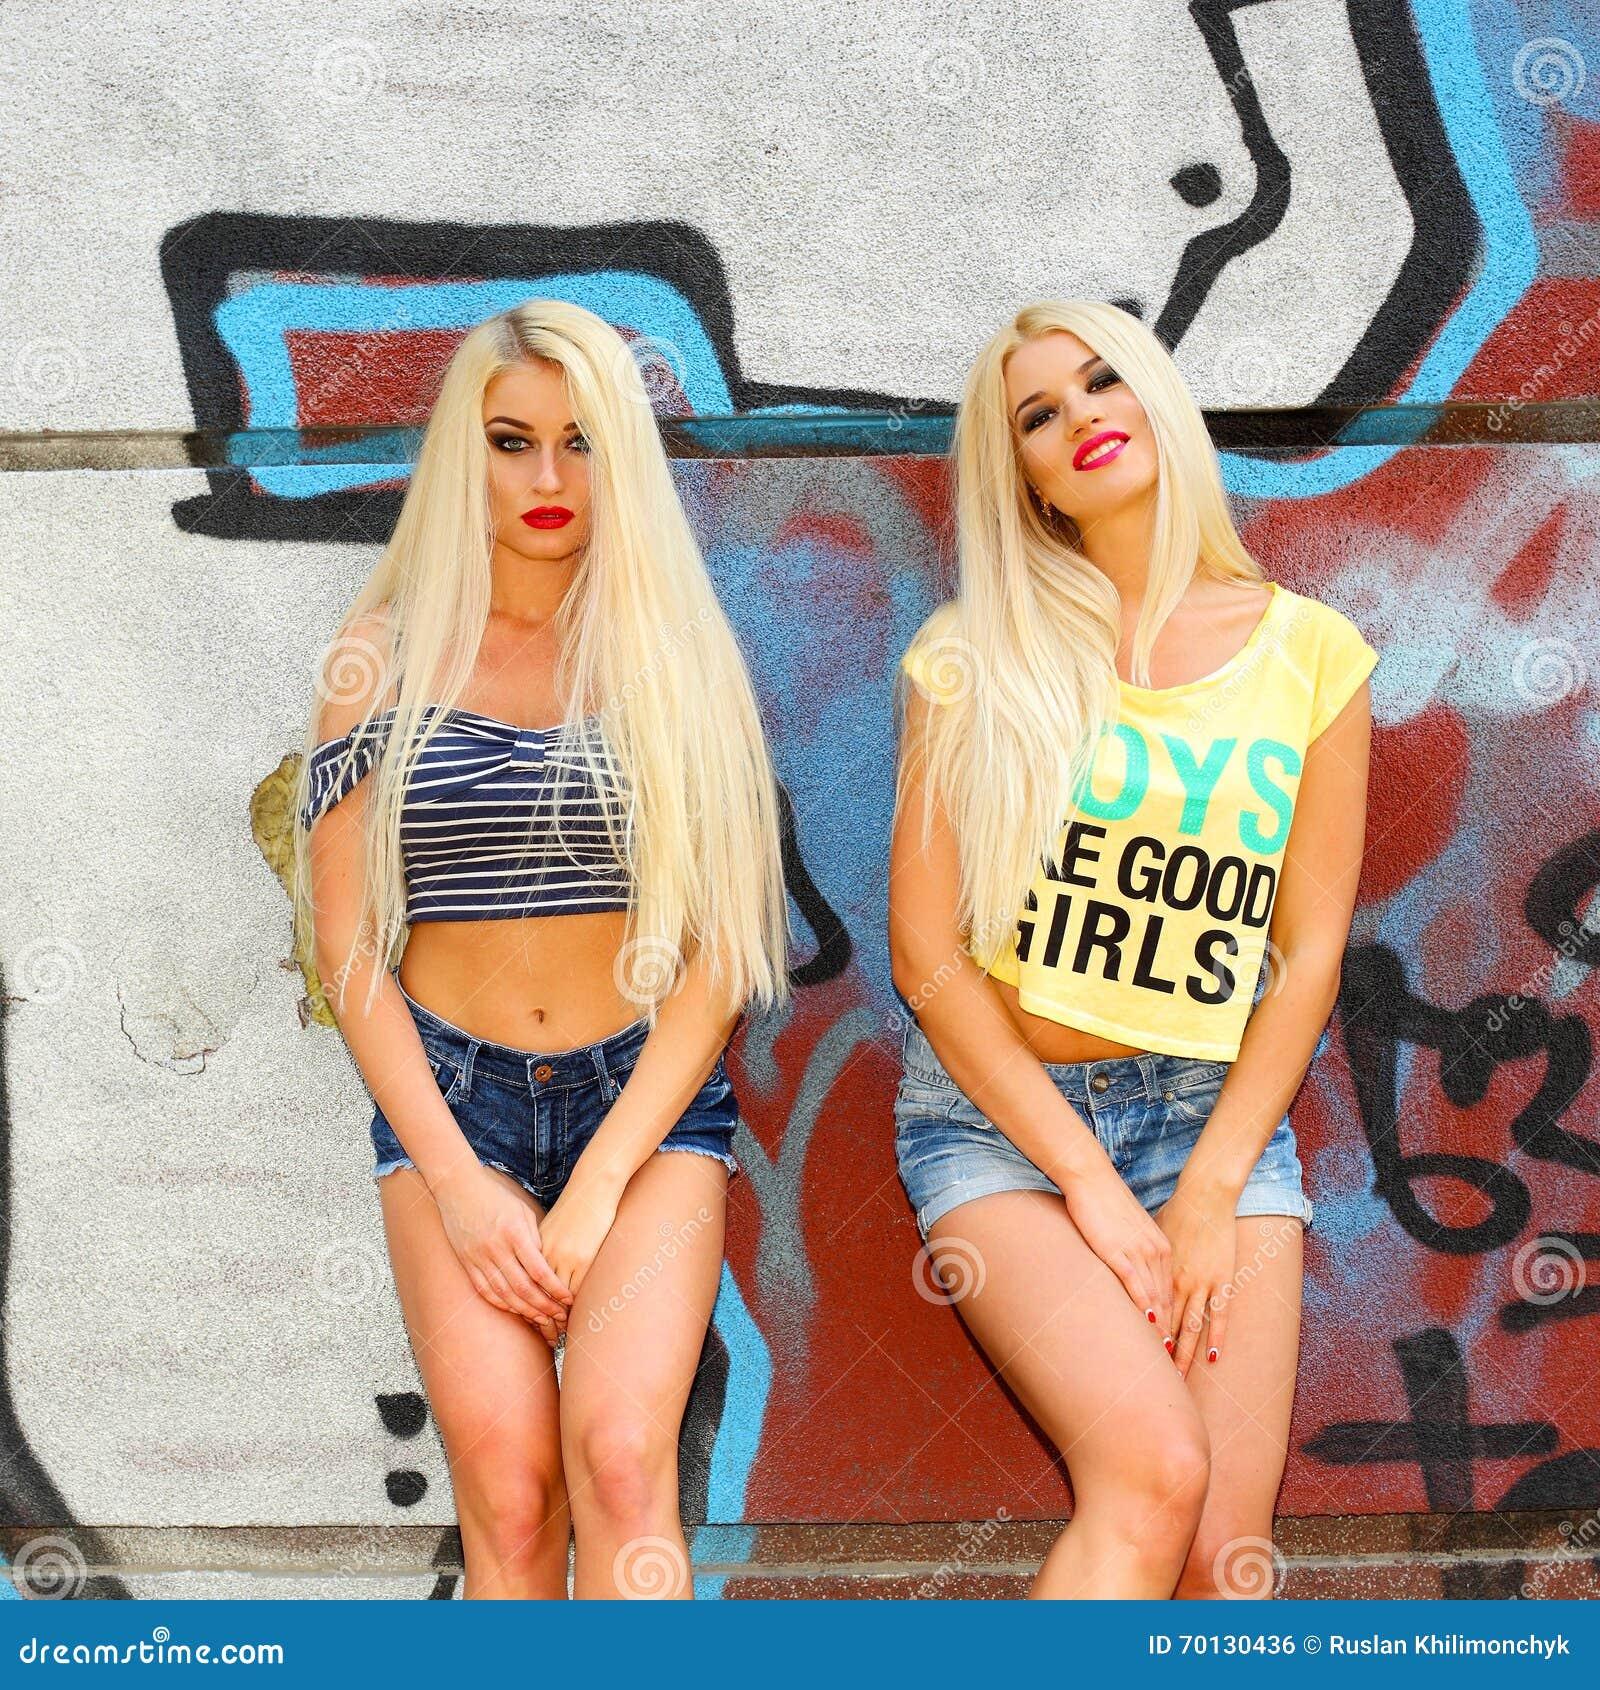 Blondes having fun